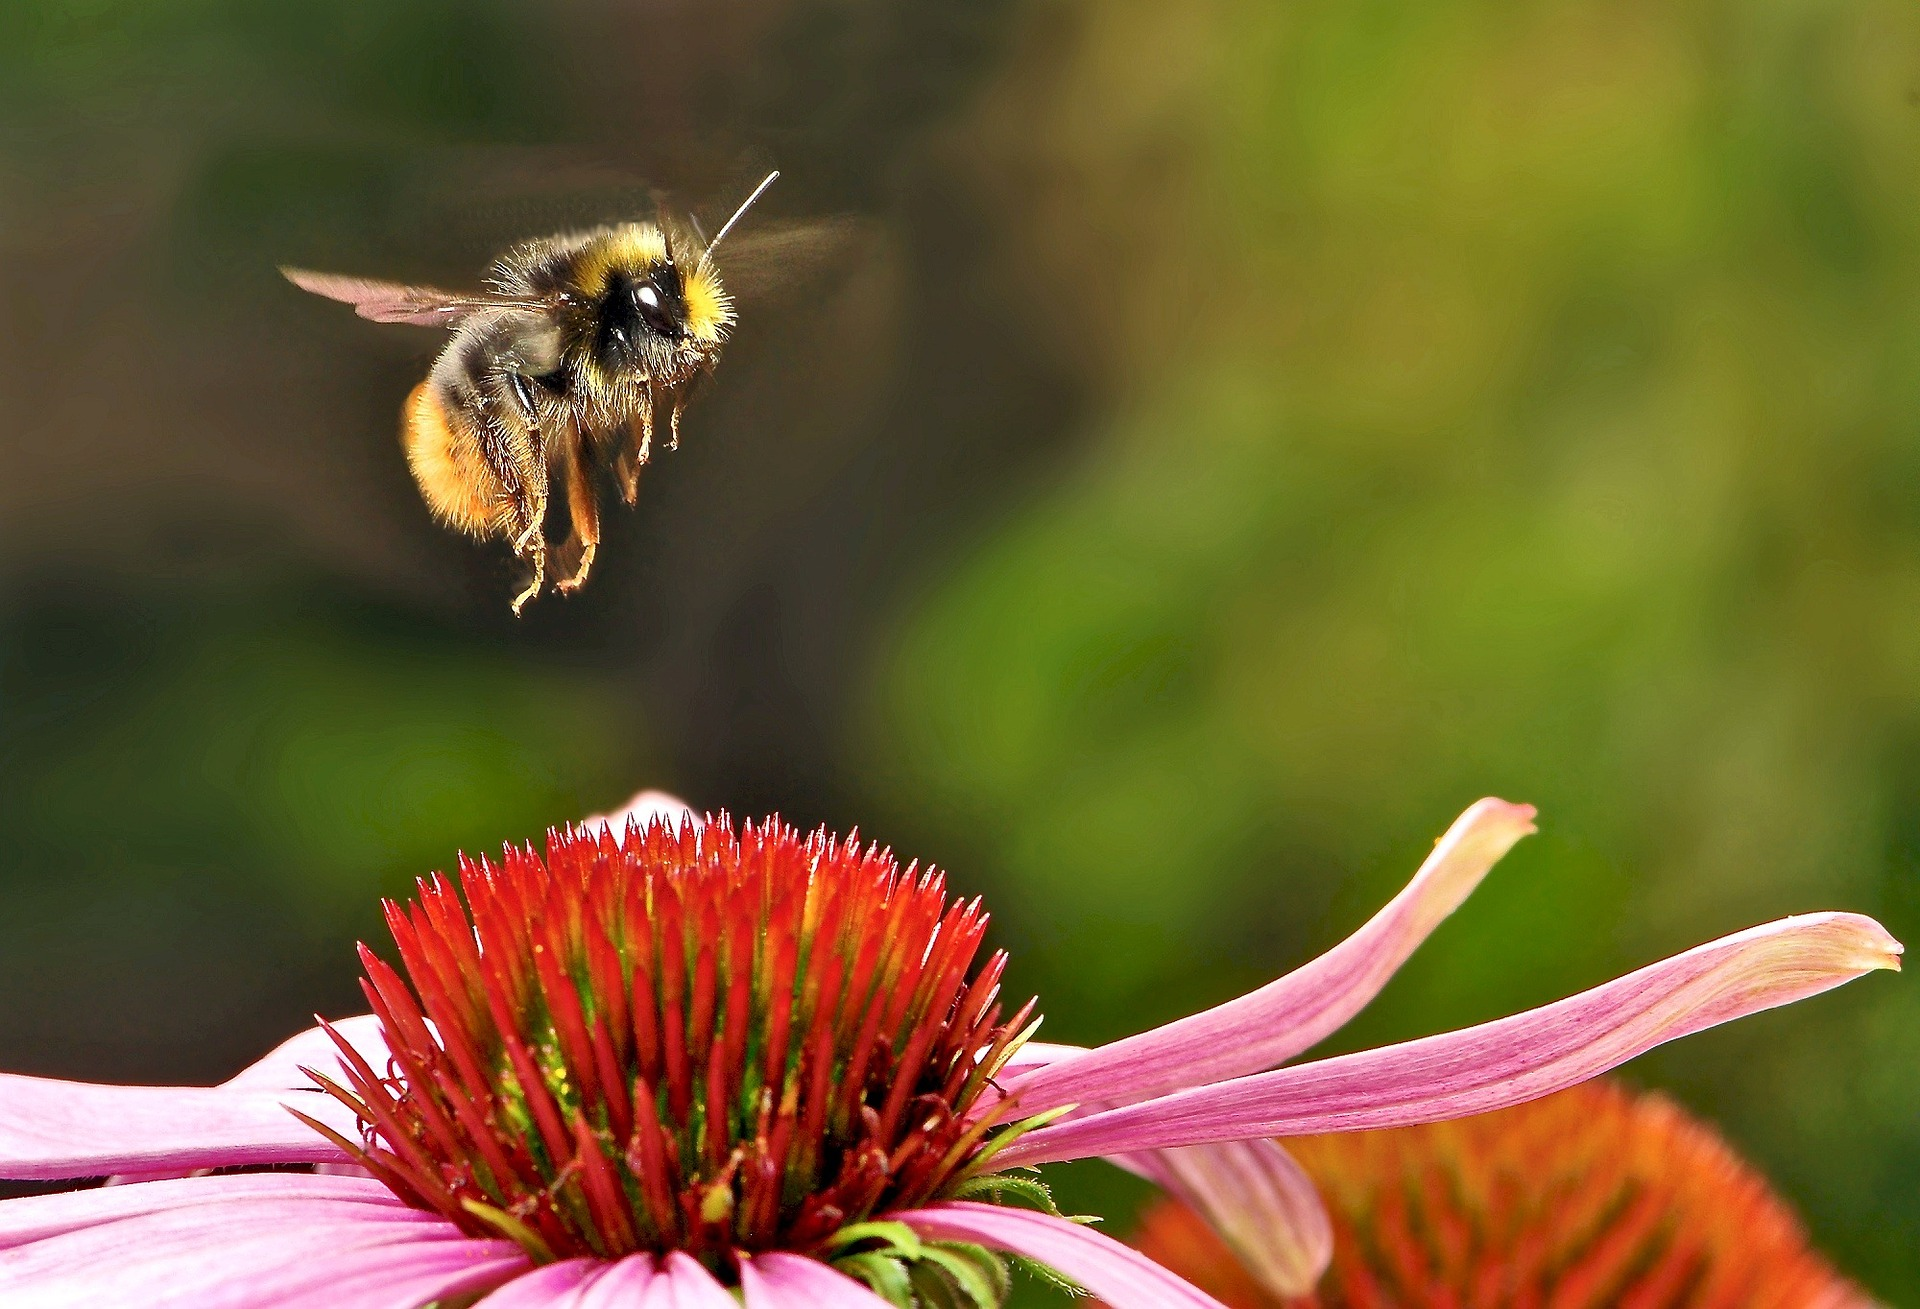 Un bourdon vole en dessus d'une fleur